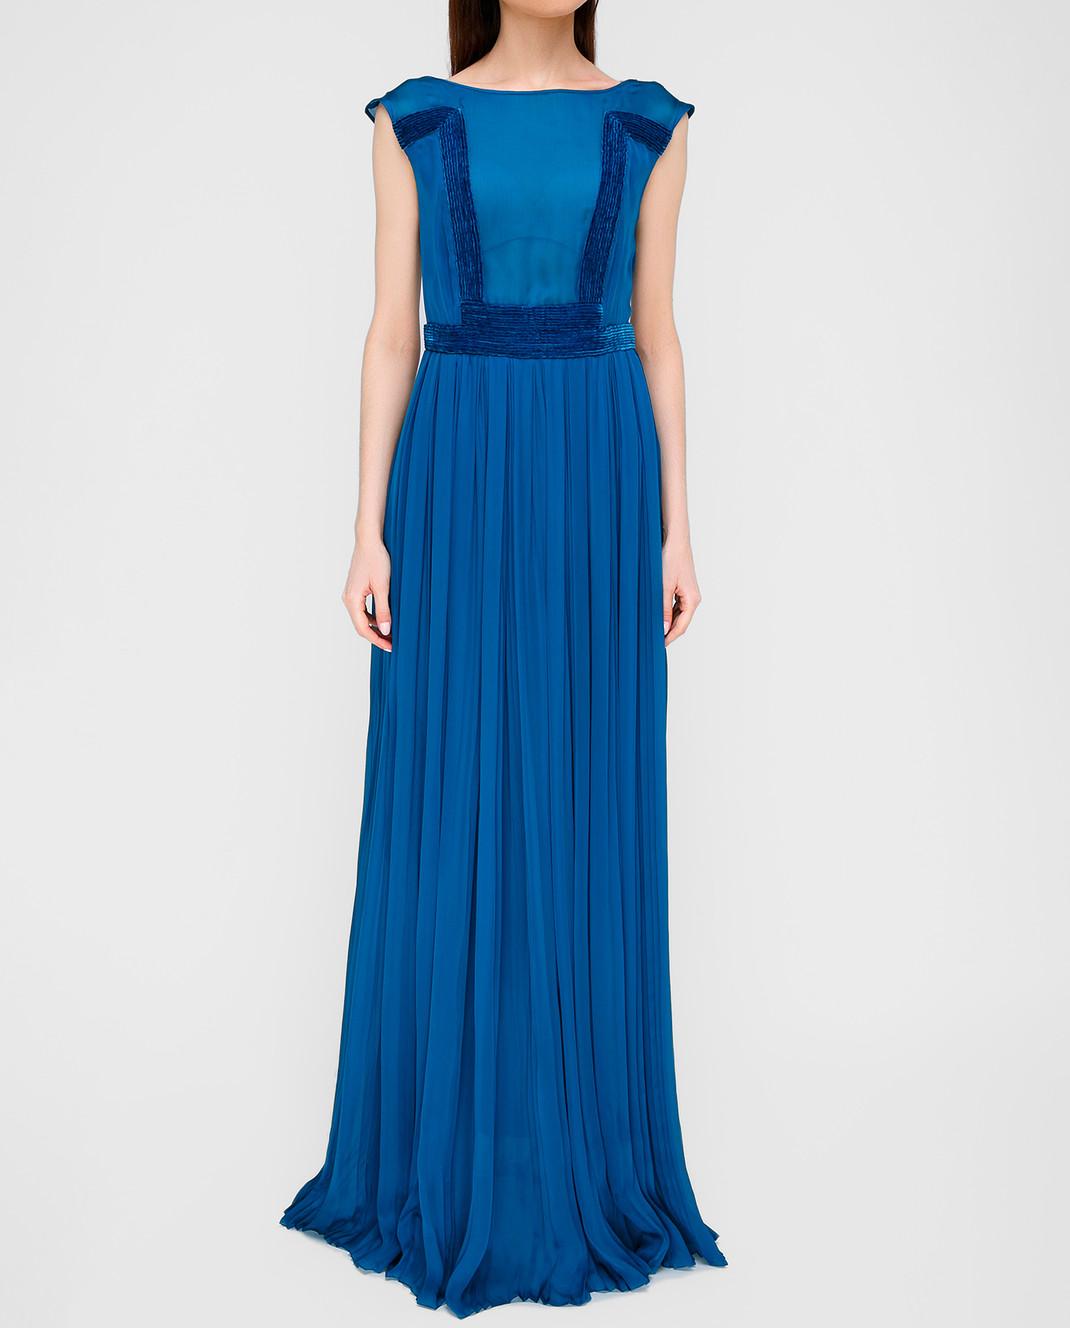 LARUSMIANI Синее платье из шелка 077581 изображение 3